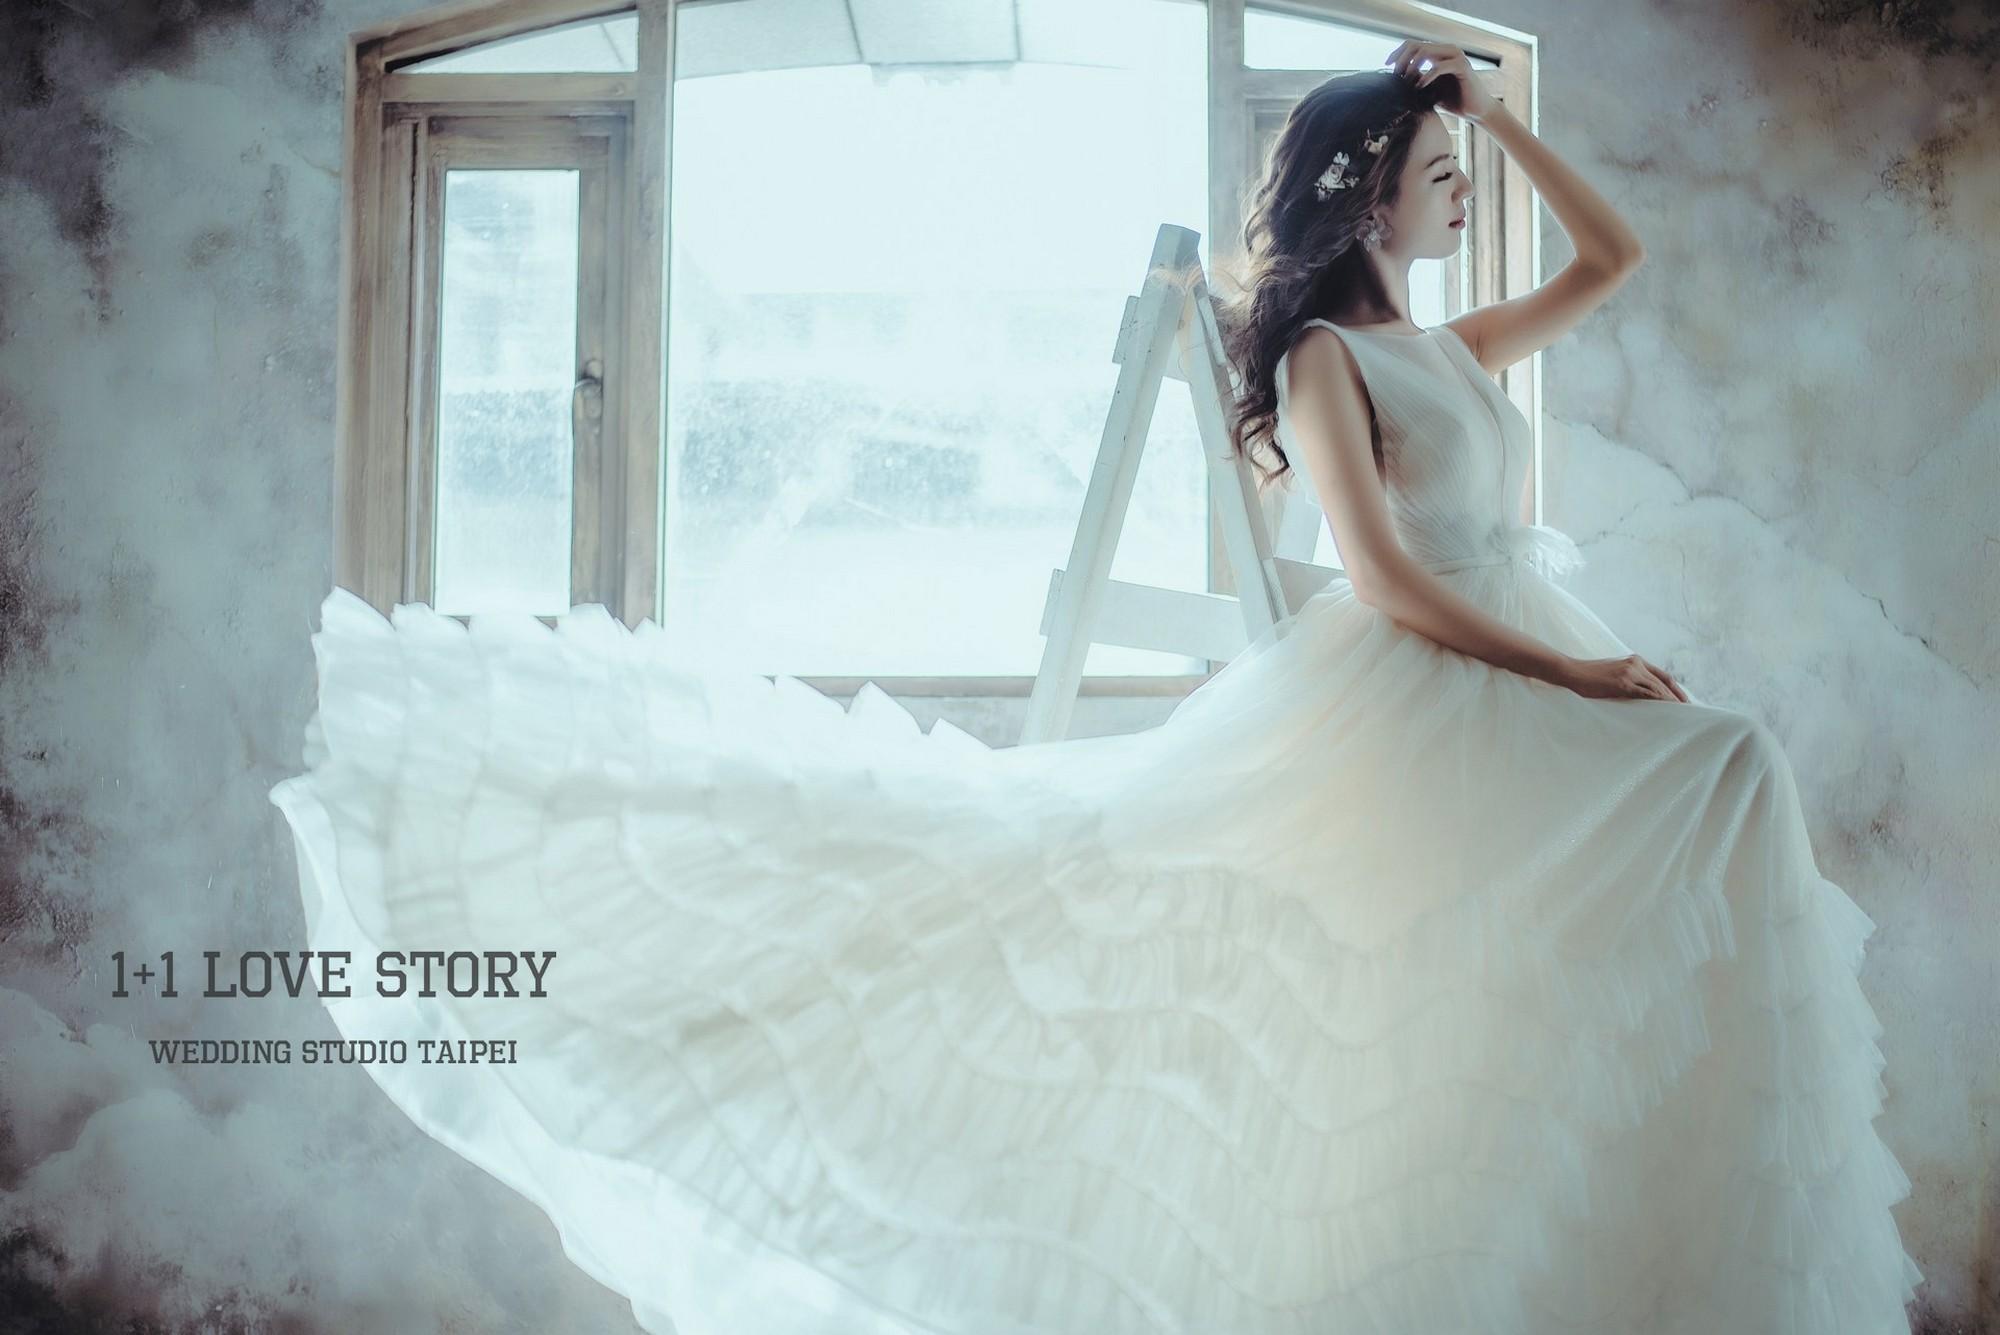 手工婚紗,婚紗禮服,婚紗,婚紗推薦,婚紗訂製,婚紗出租